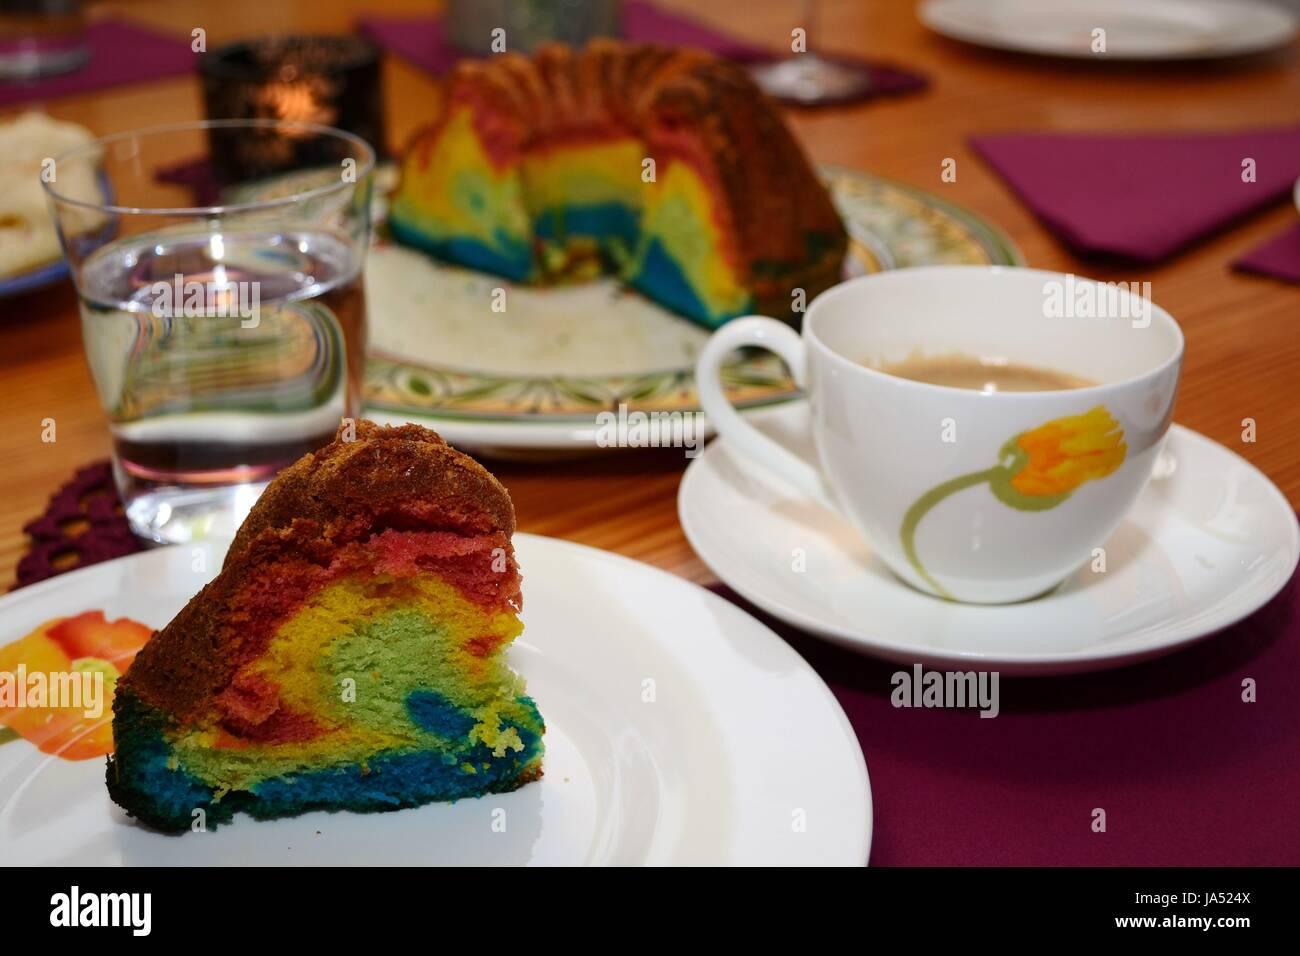 Bunter Kuchen Regenbogentorte Rezept Und Step By Step Anleitung